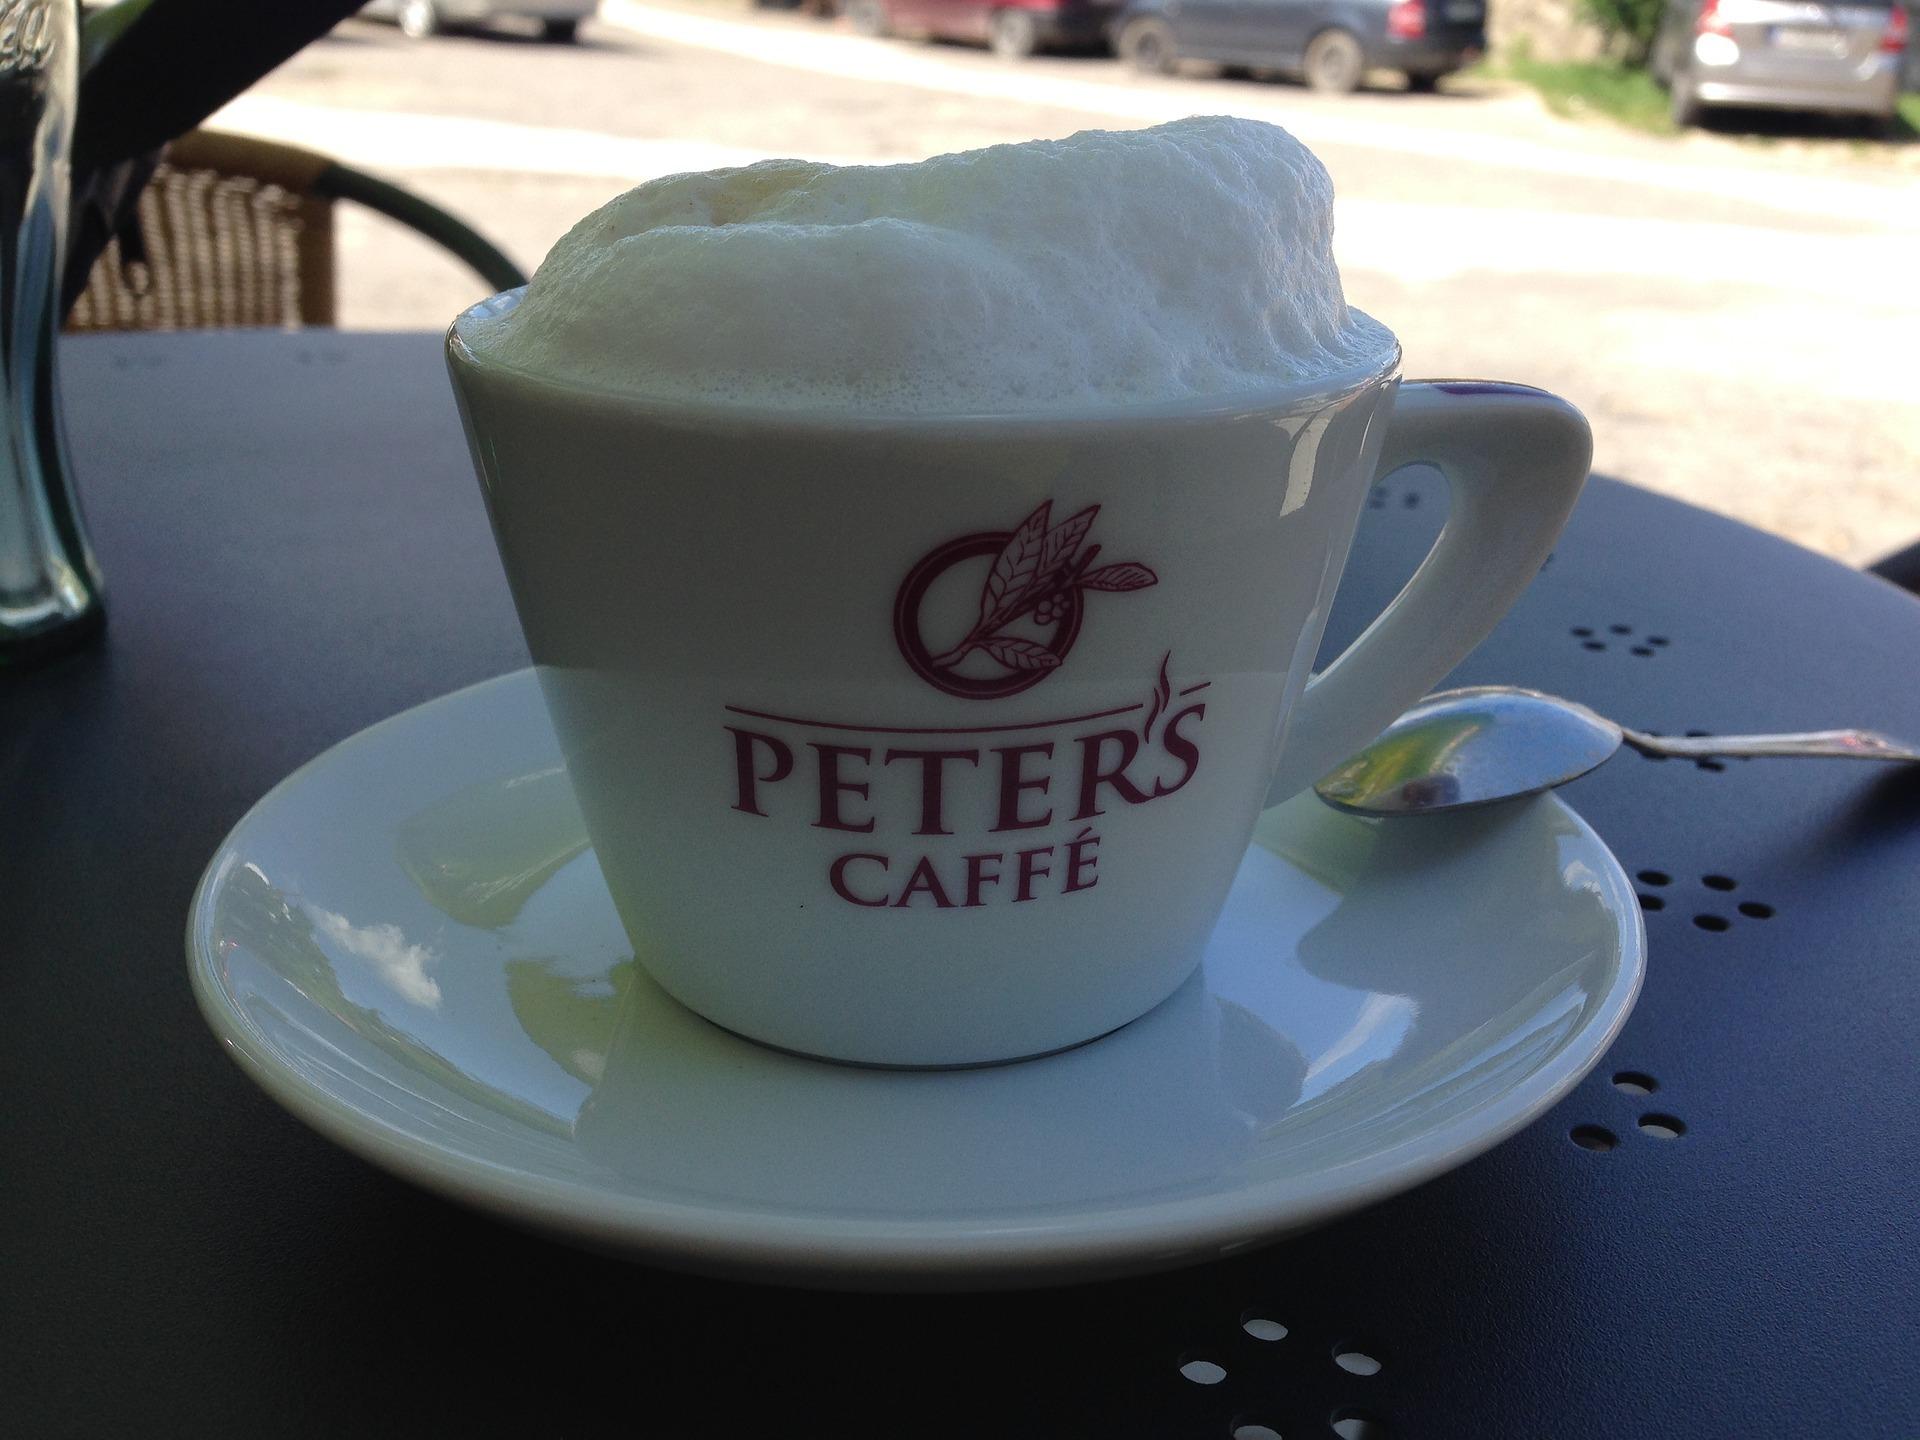 Diese woche günstig venlo kaffee Kaffee kaufen